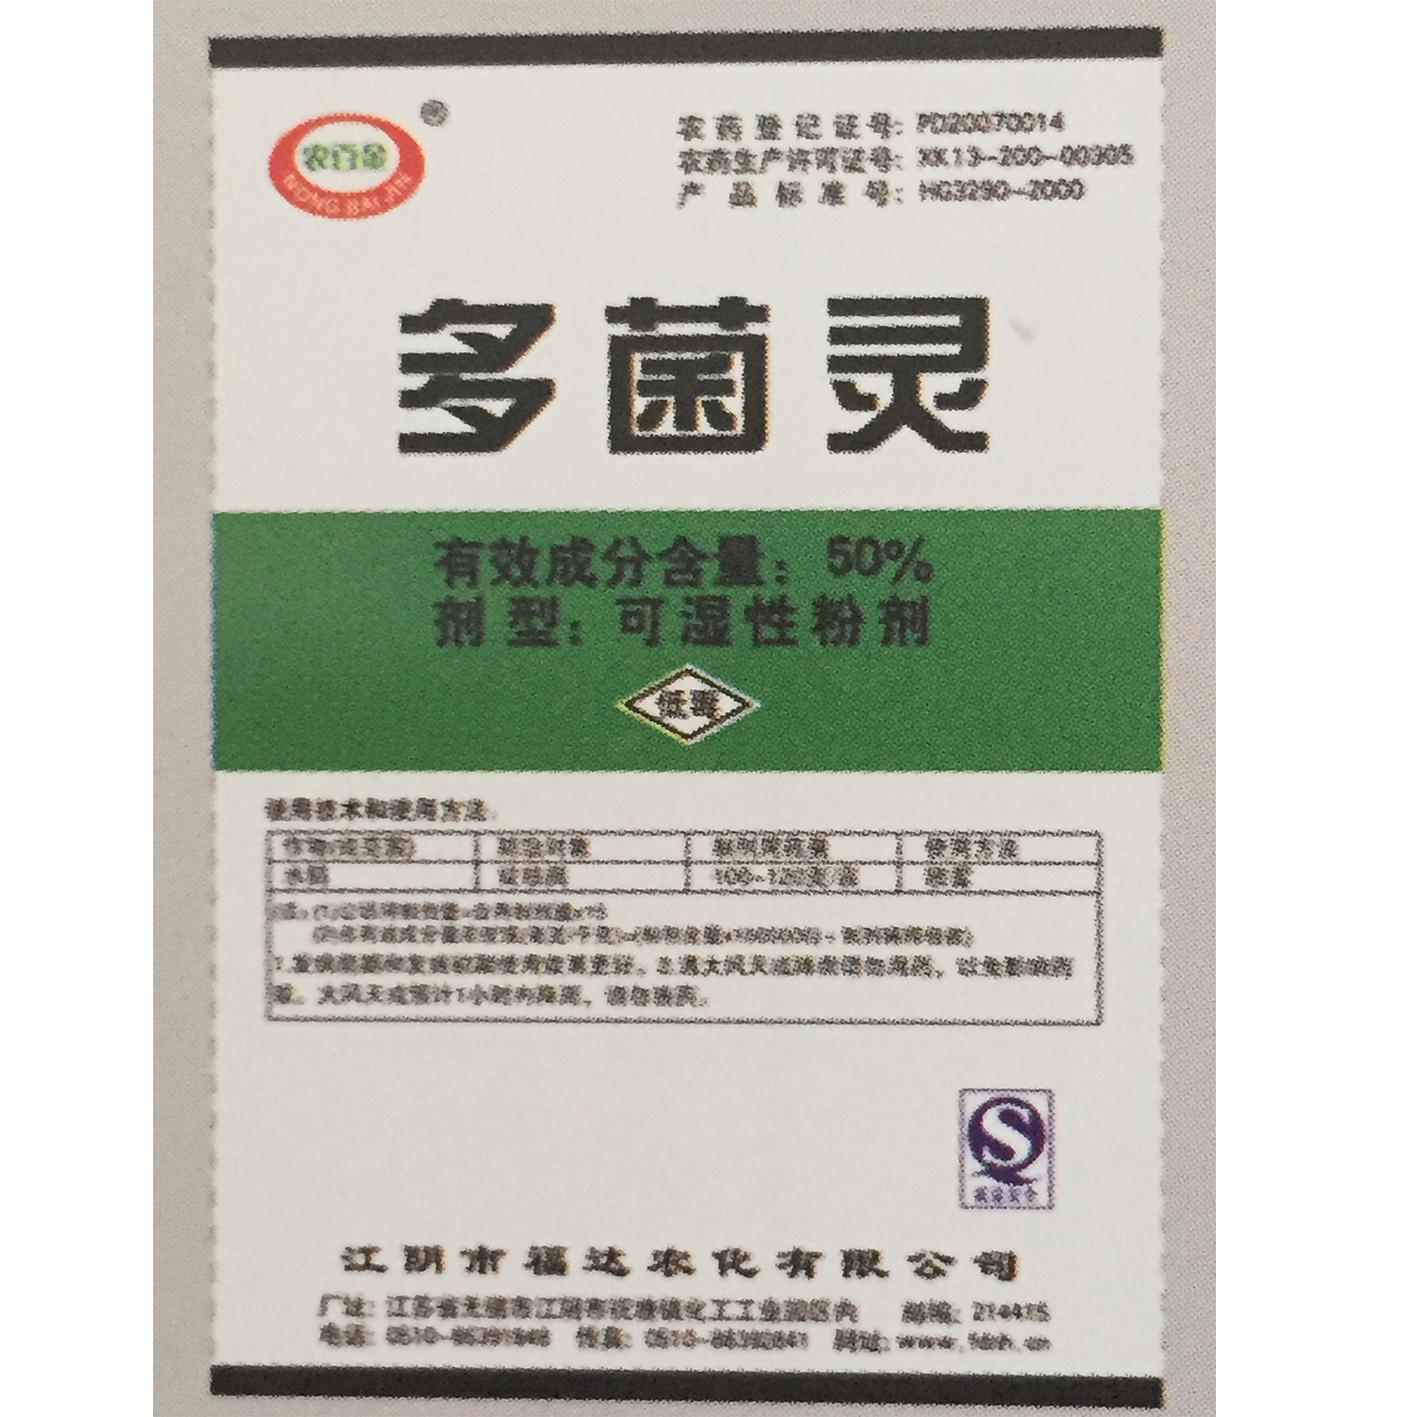 福达农化 50%多菌灵可湿性粉剂